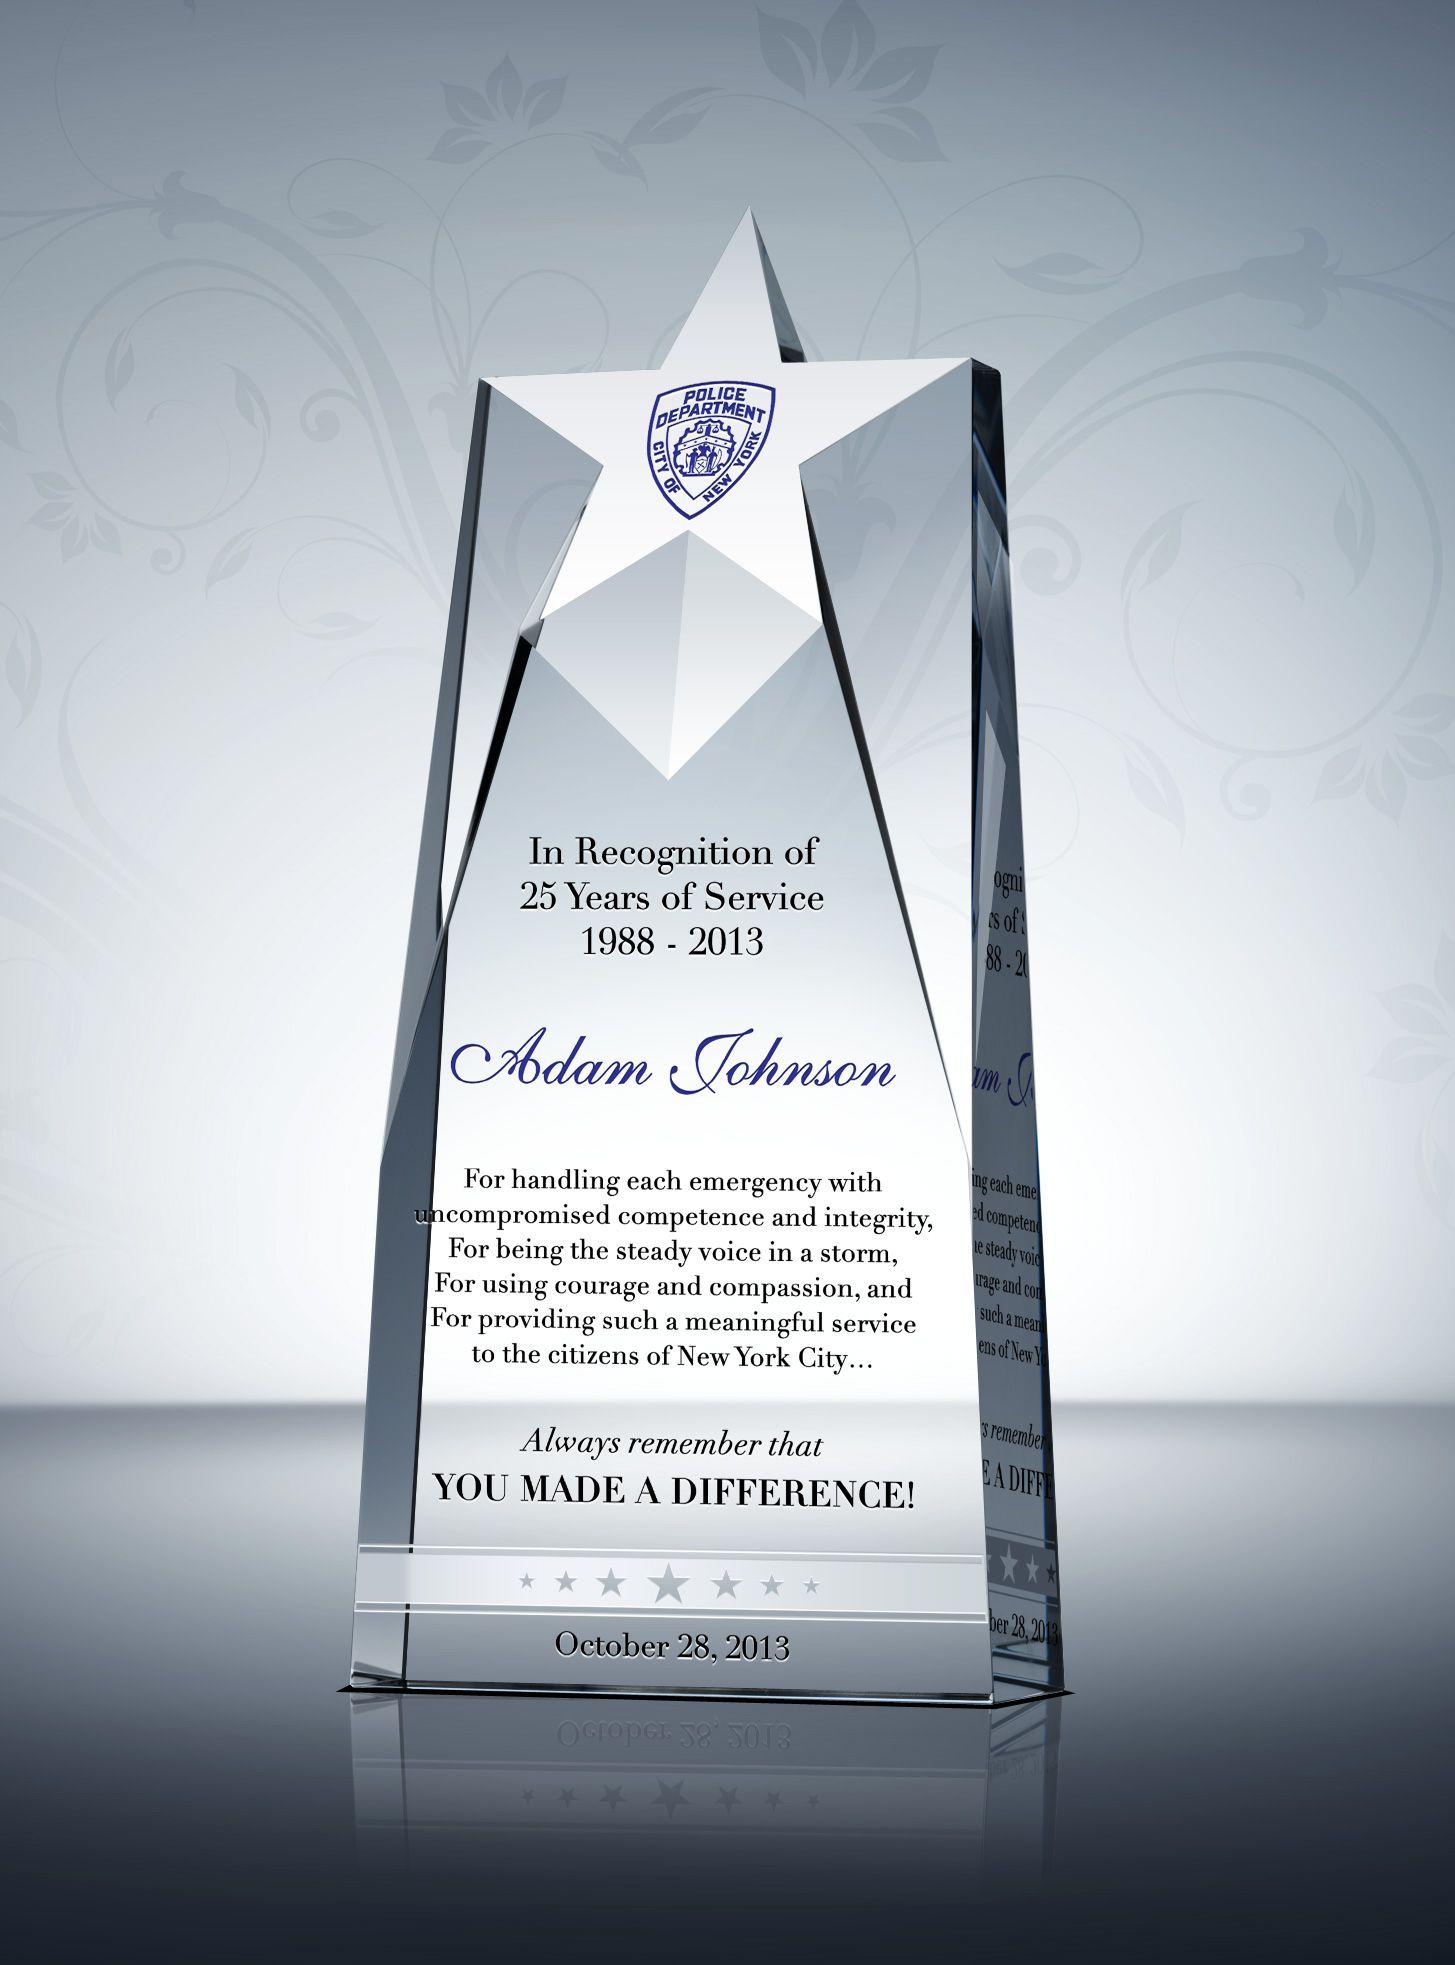 Unique Police Service Awards And Appreciation Quotes Service Awards Award Plaques Recognition Plaques